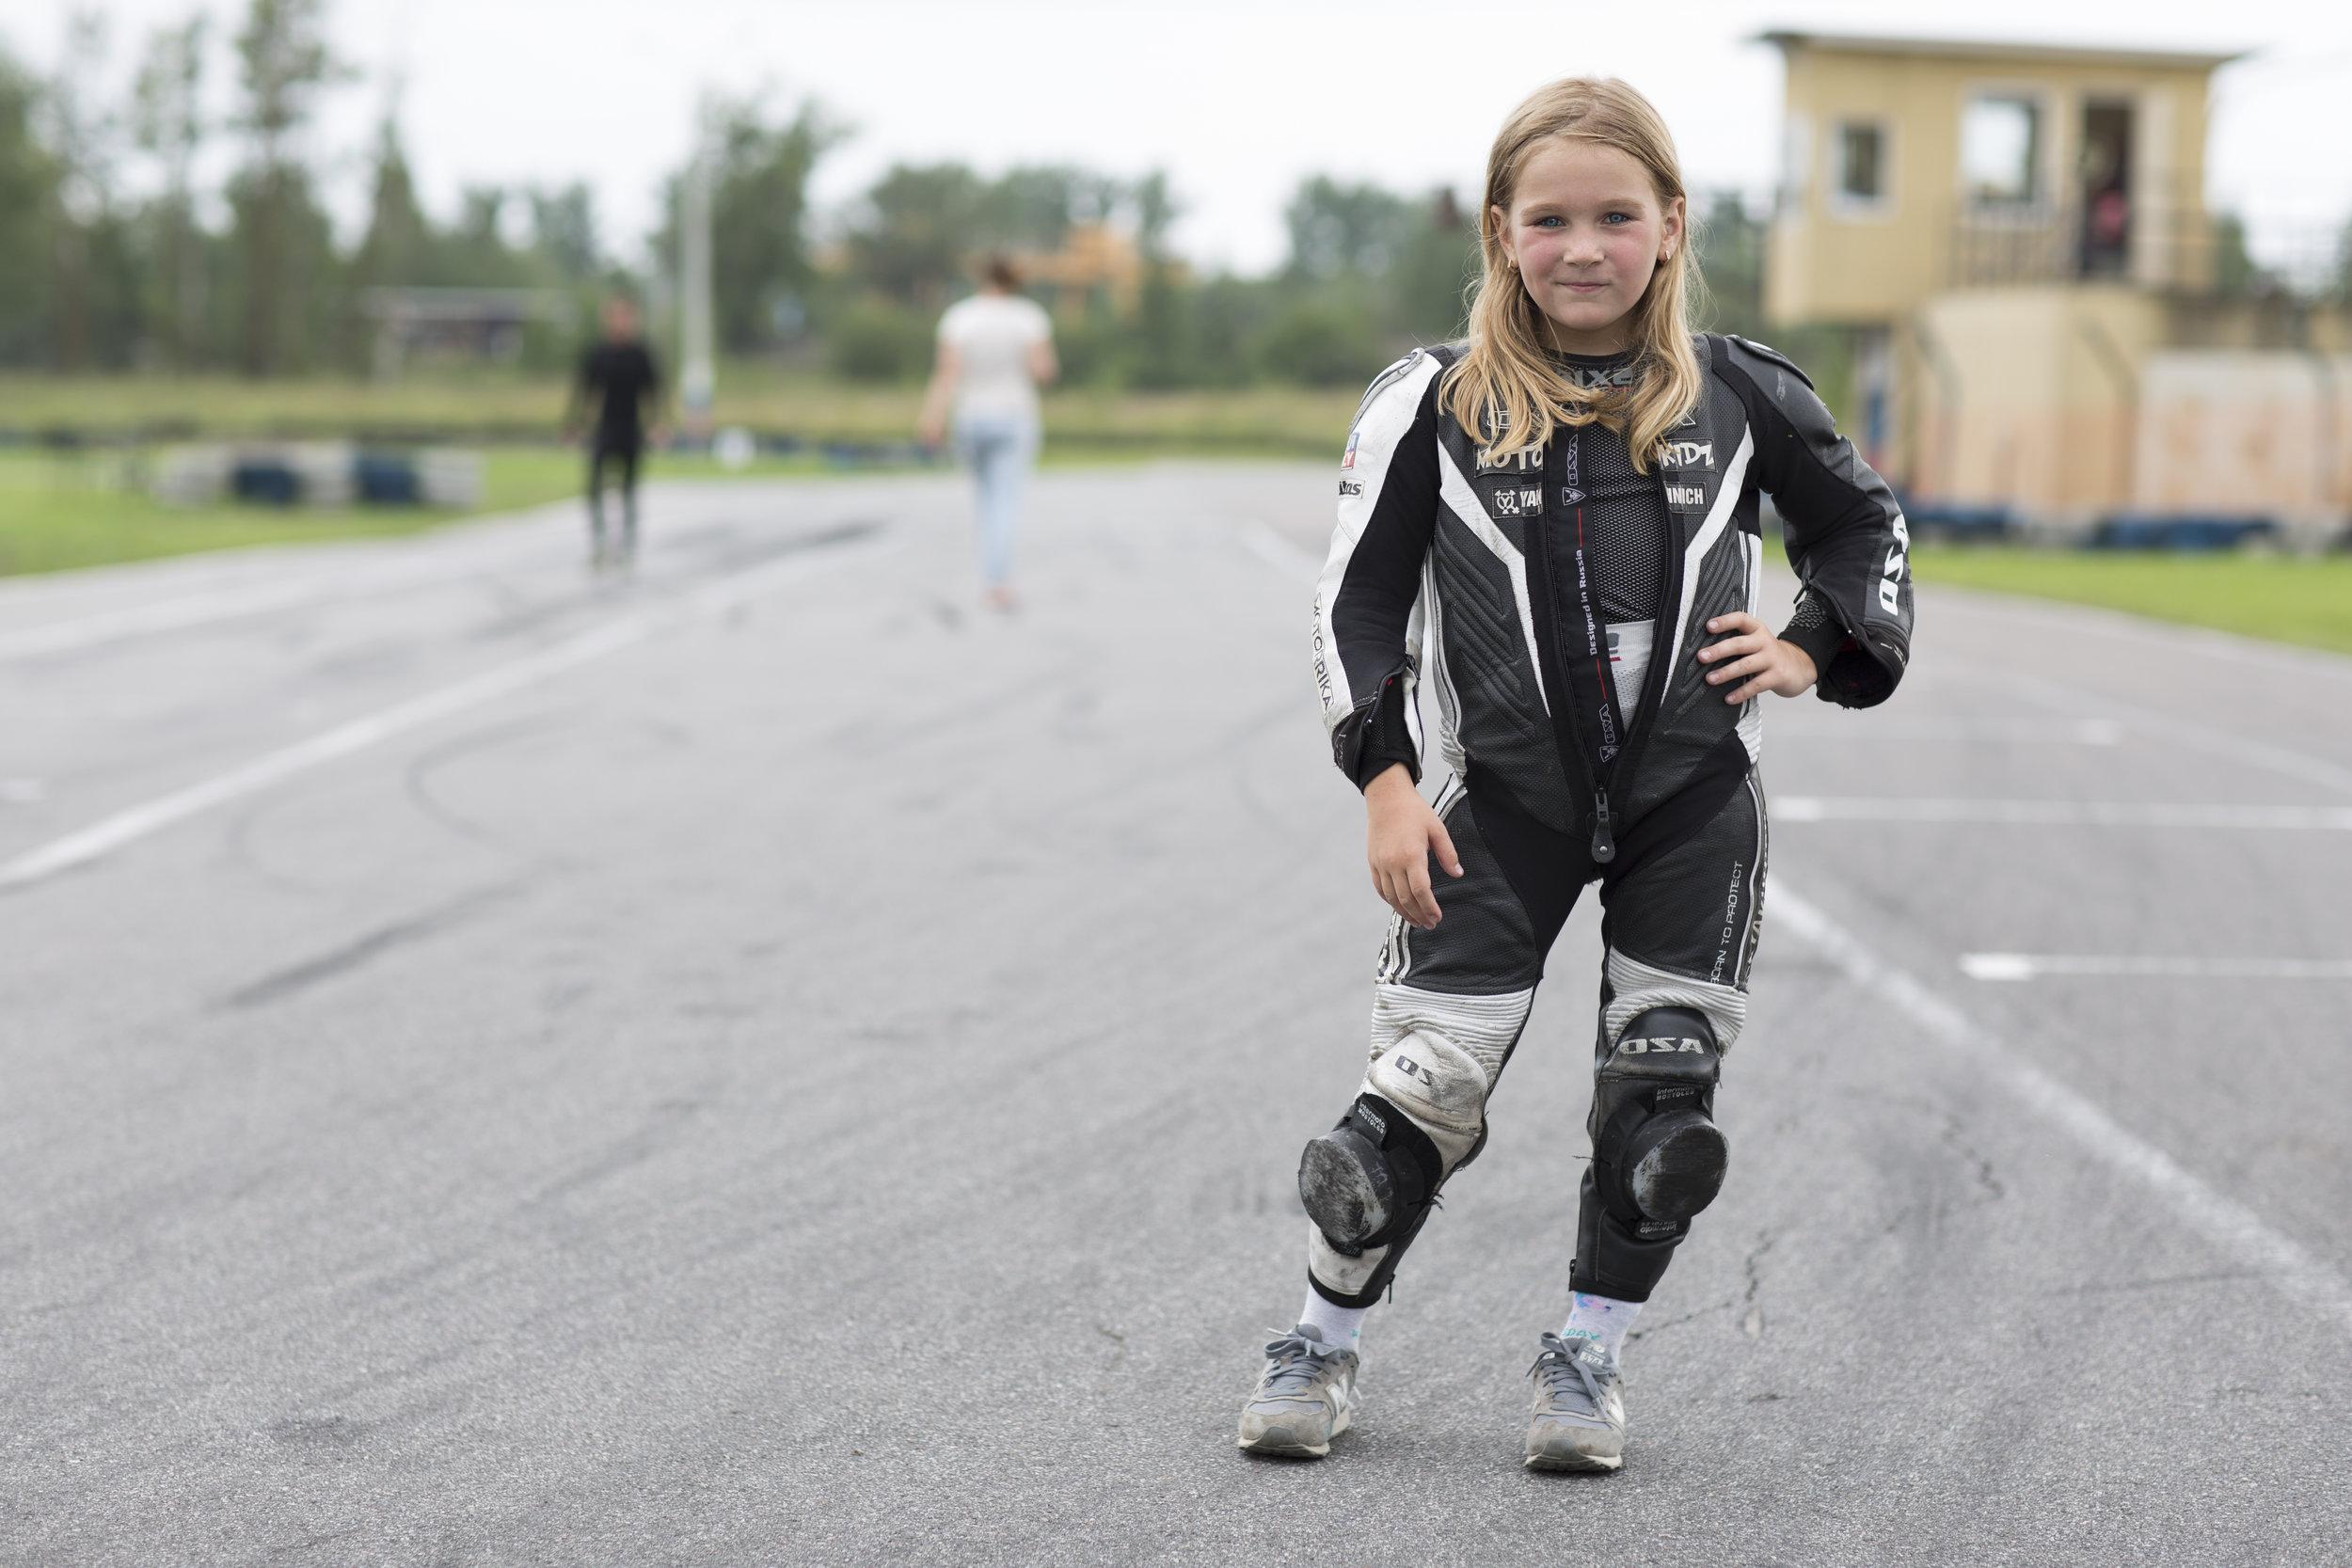 Alena Petrishina - the fastest girl in Russia